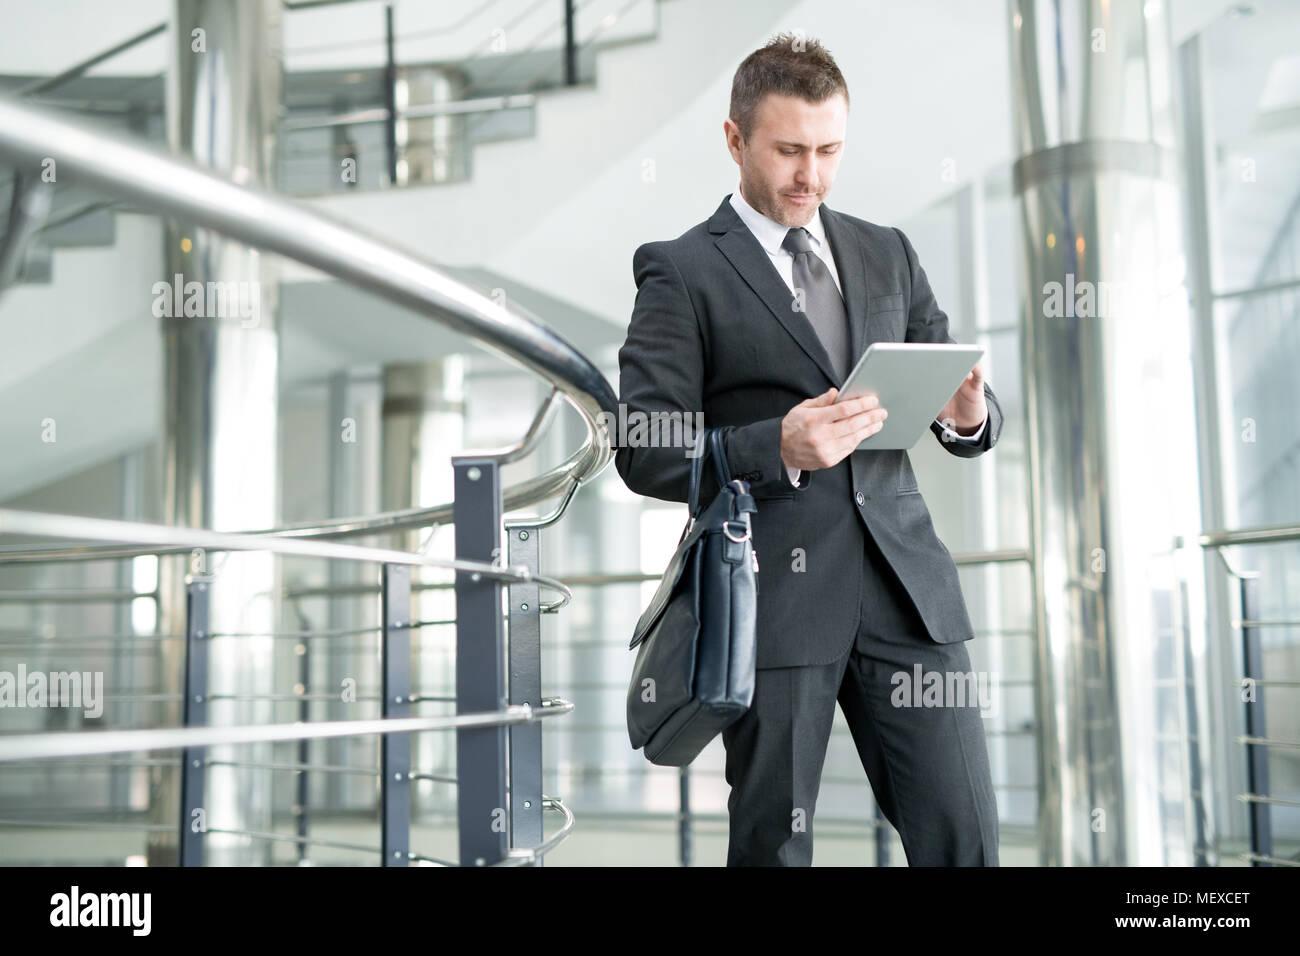 Moderne Geschäftsmann im Amt Hall eines großen Unternehmens Stockfoto